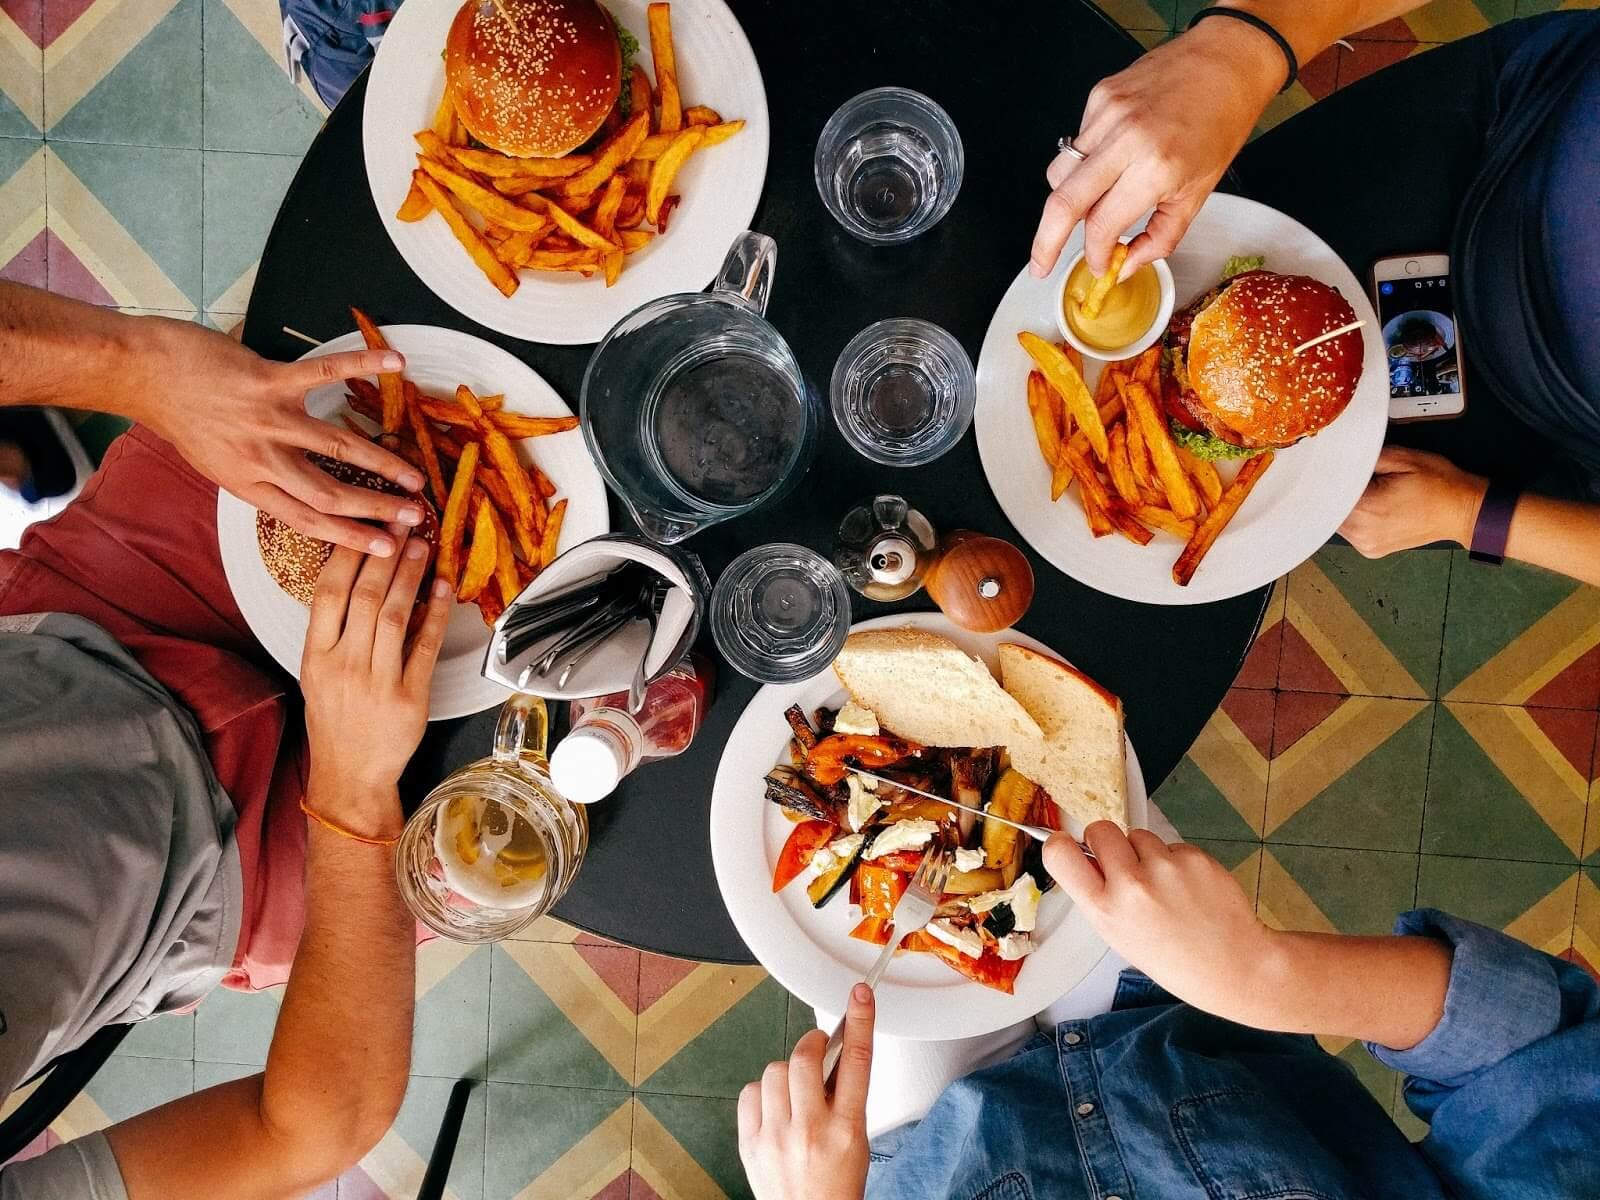 Οι επιπτώσεις της κρίσης στη διατροφή των Ελλήνων